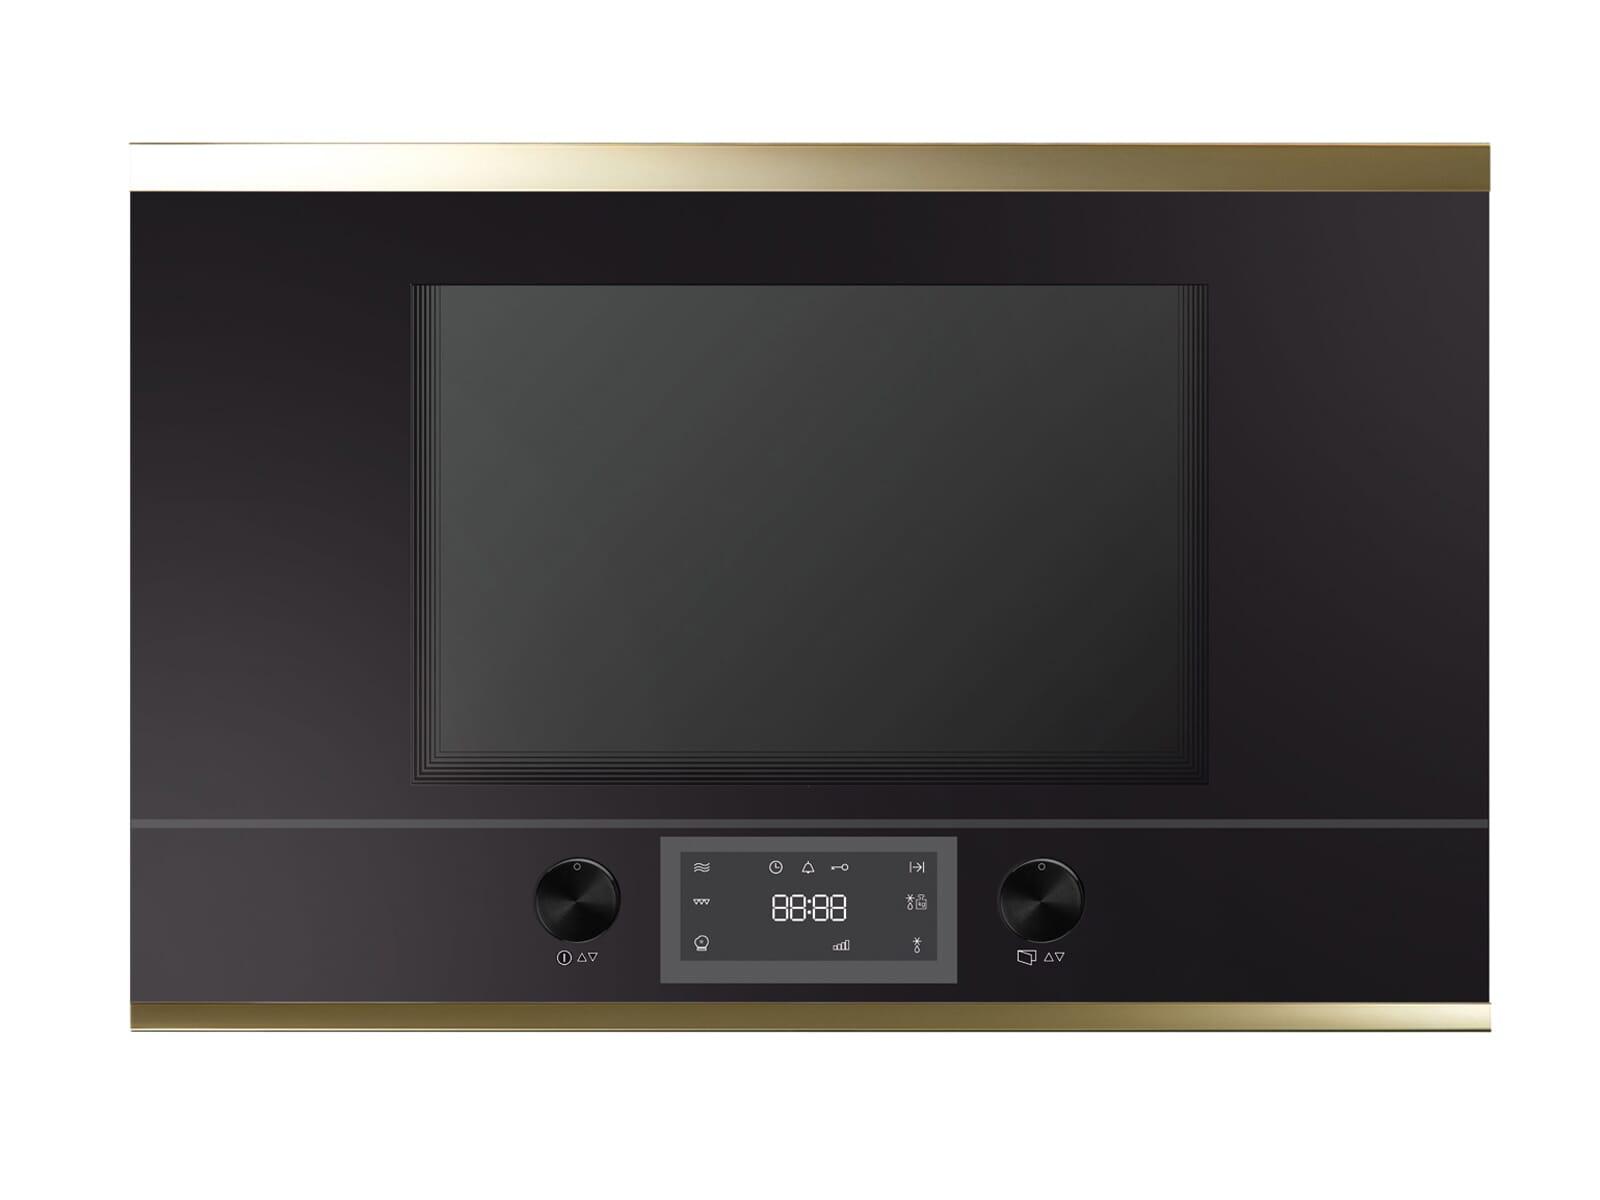 Küppersbusch ML 6330.0 S4 K-Series. 3 Einbau-Mikrowelle Schwarz/Gold